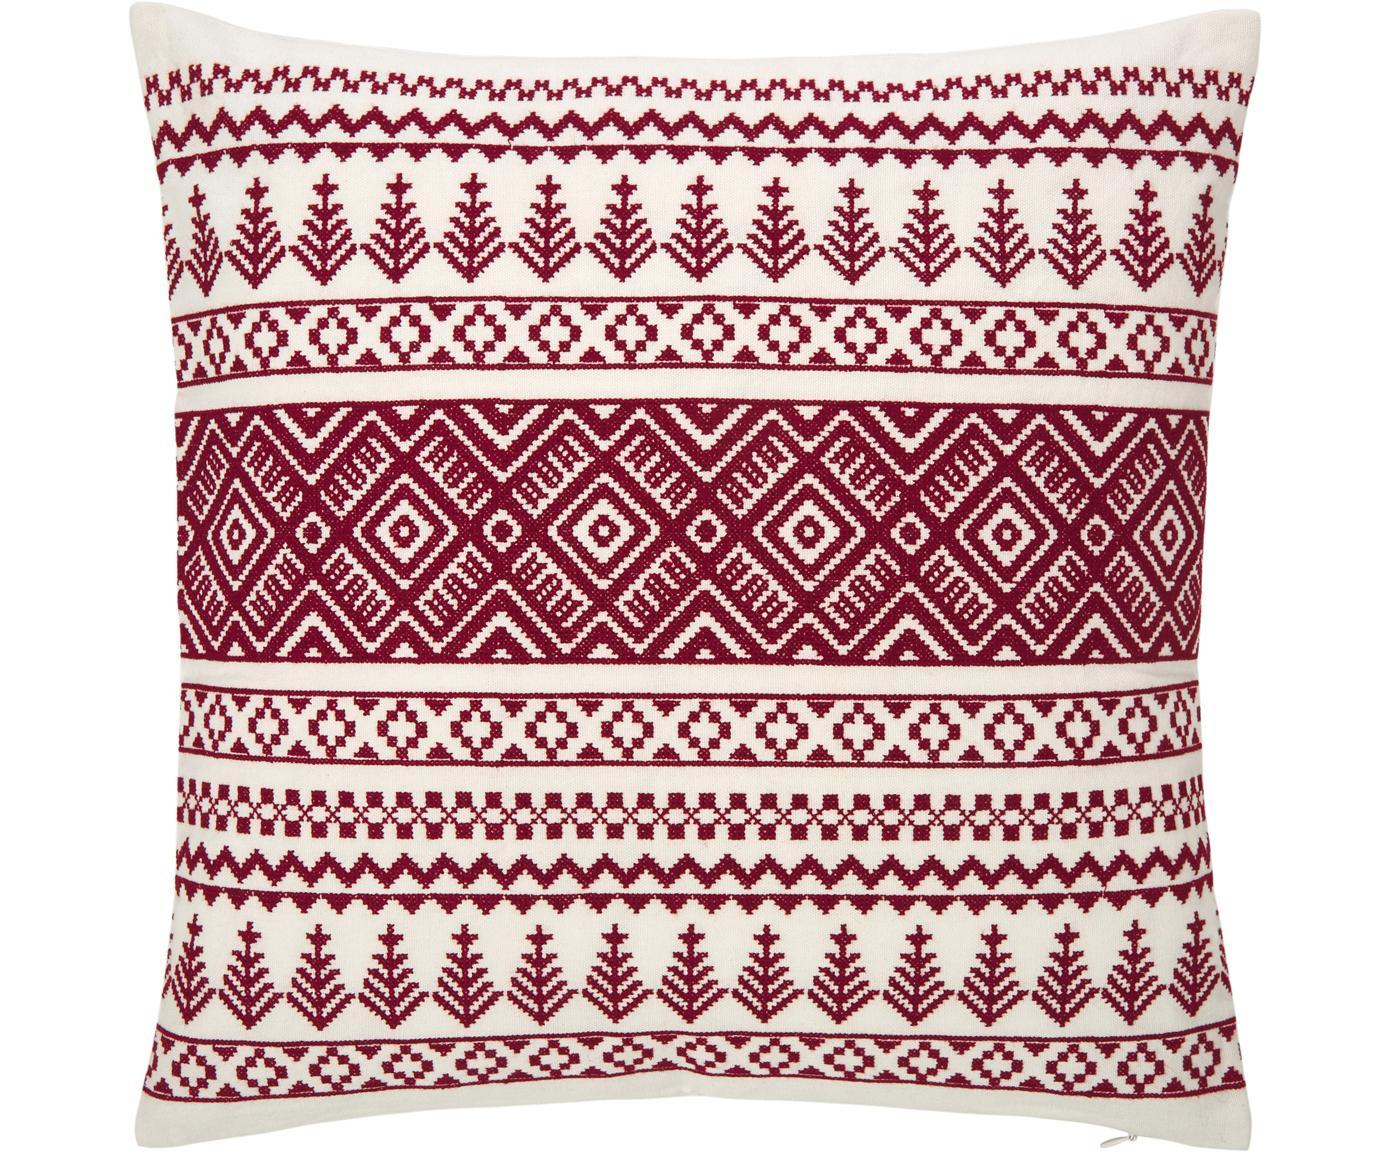 Haftowana poszewka na poduszkę Islay, 100% bawełna, Czerwony, kremowobiały, S 45 x D 45 cm